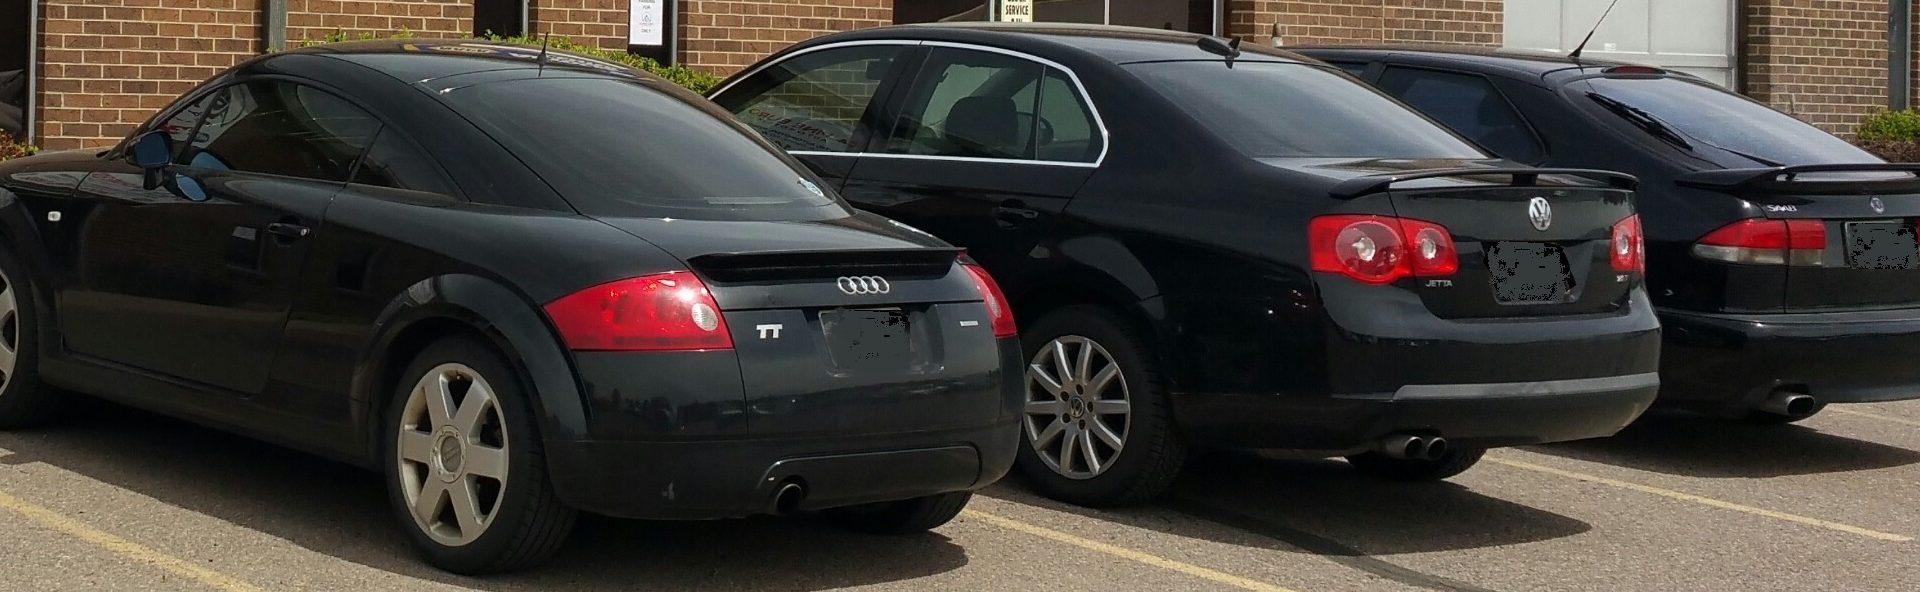 Saab-Audi-VW